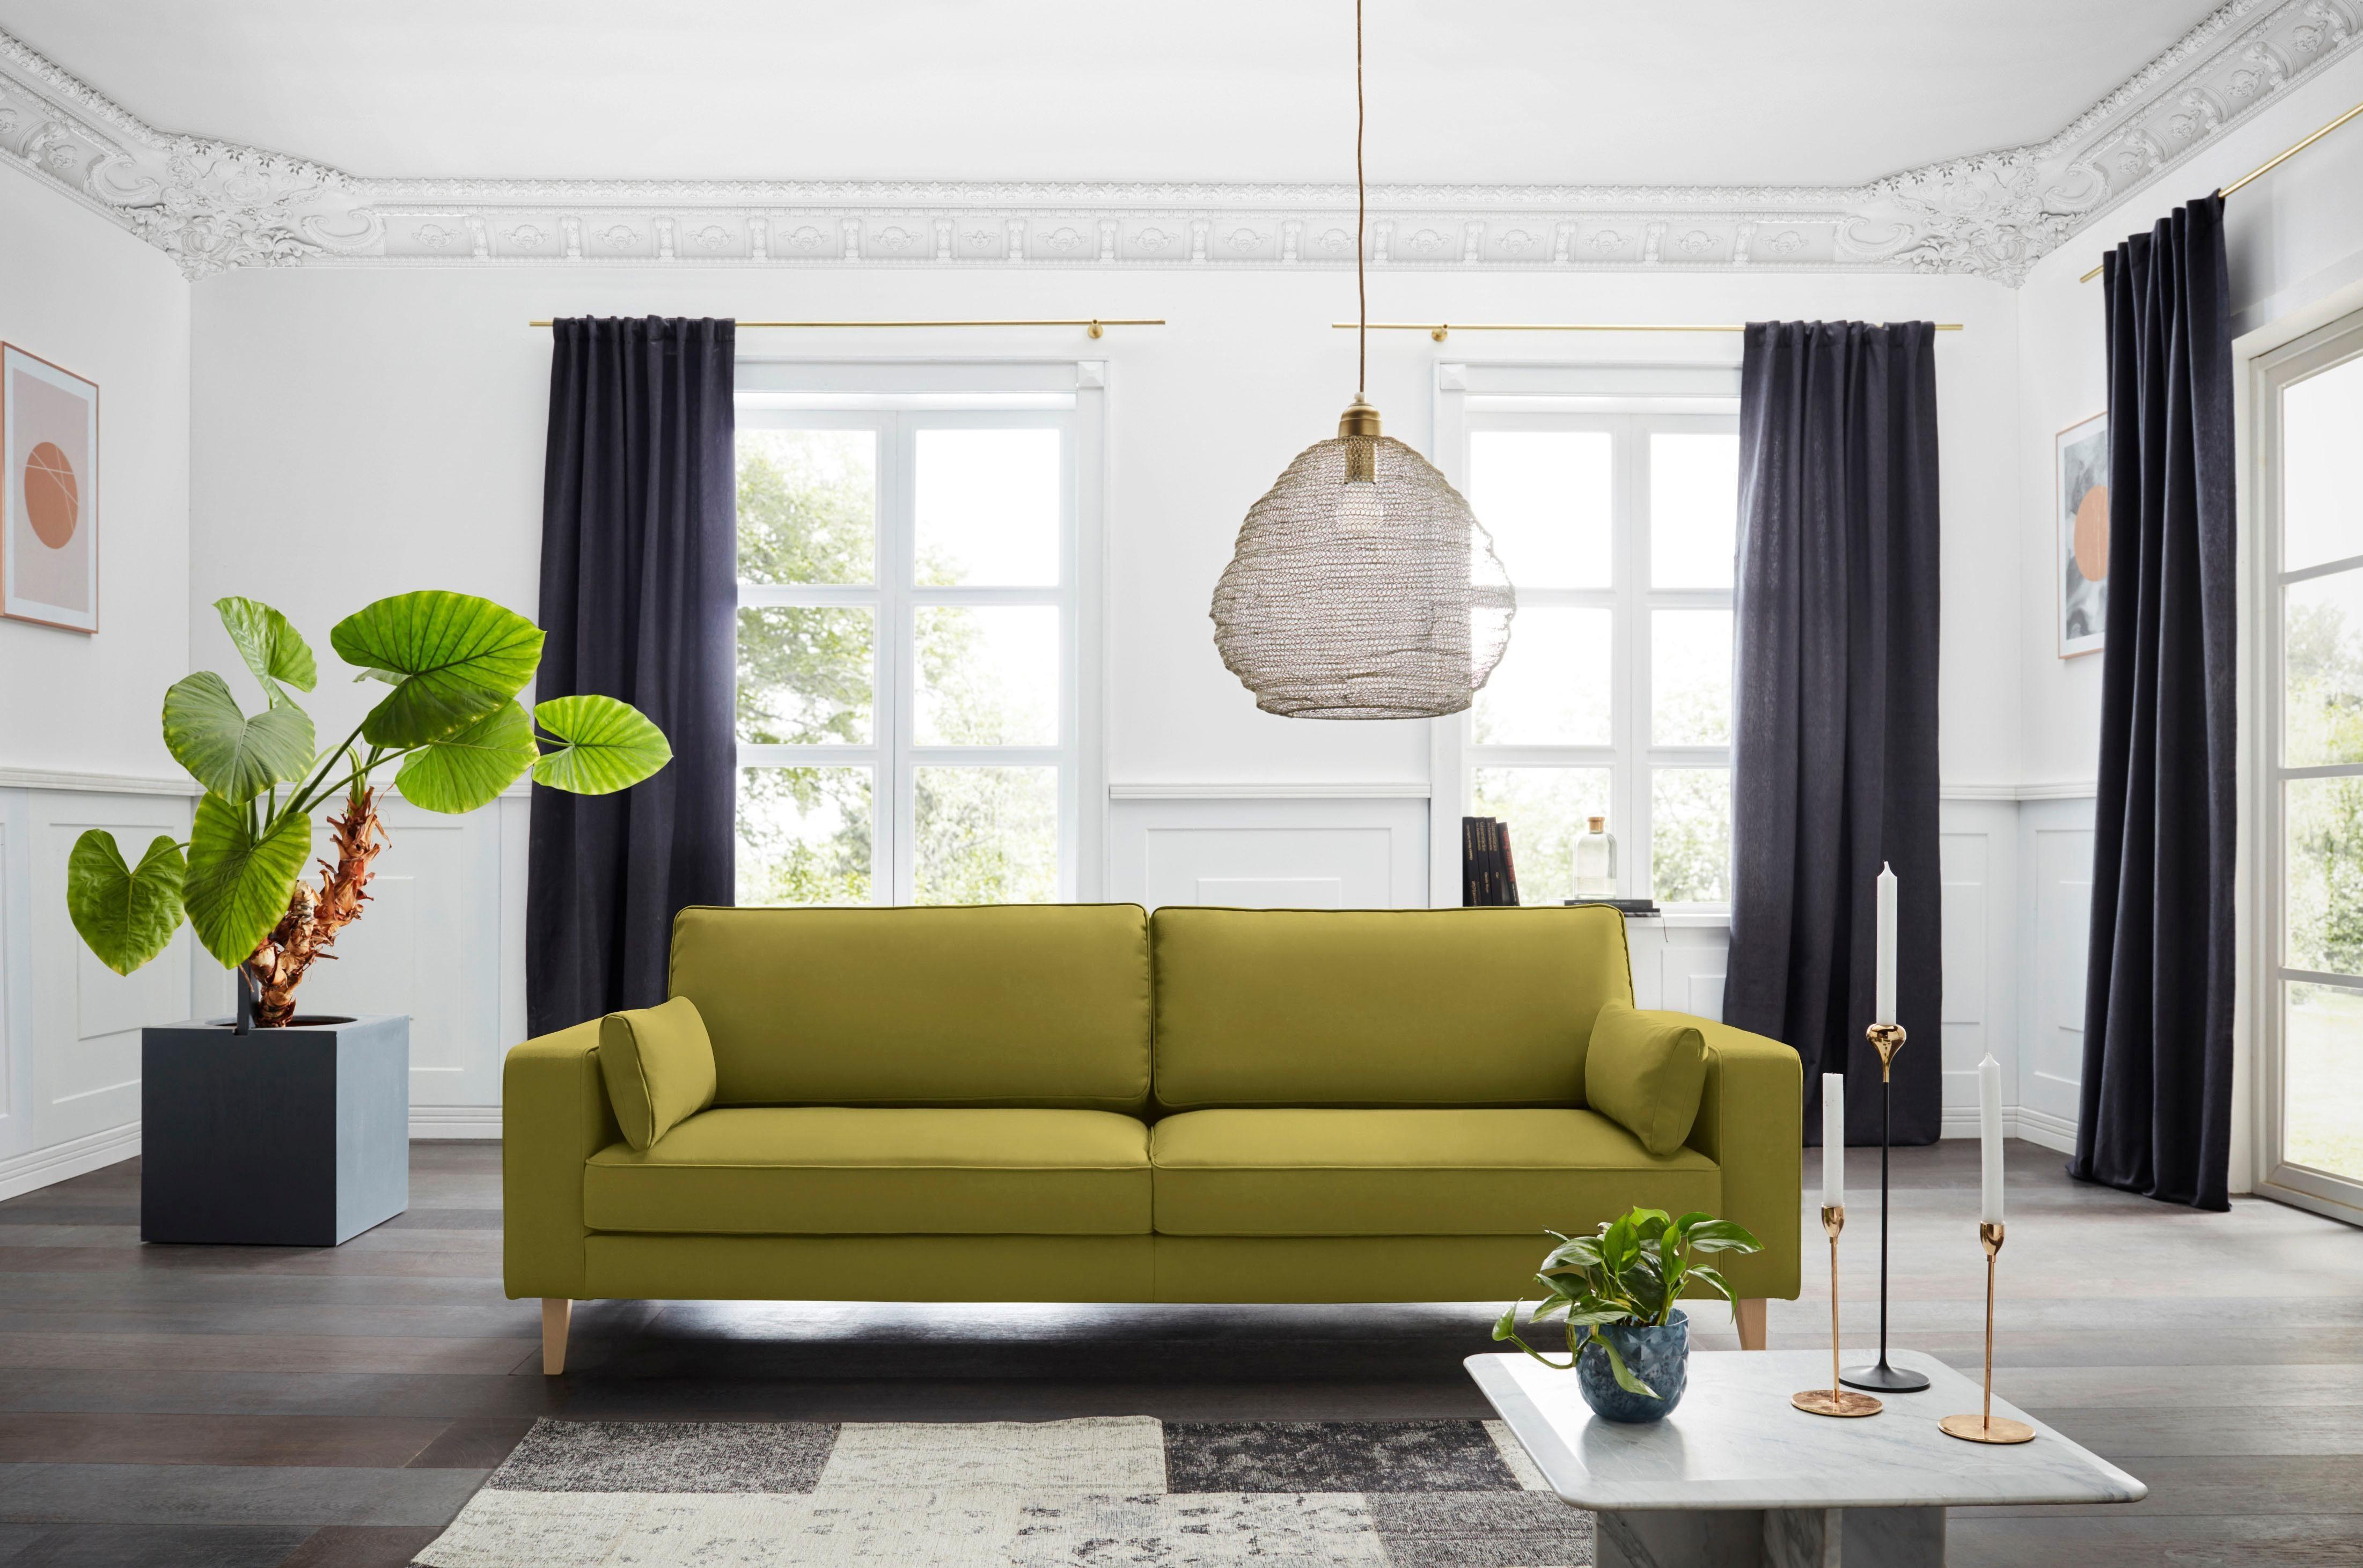 Alte Gerberei 3 Sitzer »Winston«, mit Kederverzierung, inklusive Nierenkissen online kaufen | OTTO